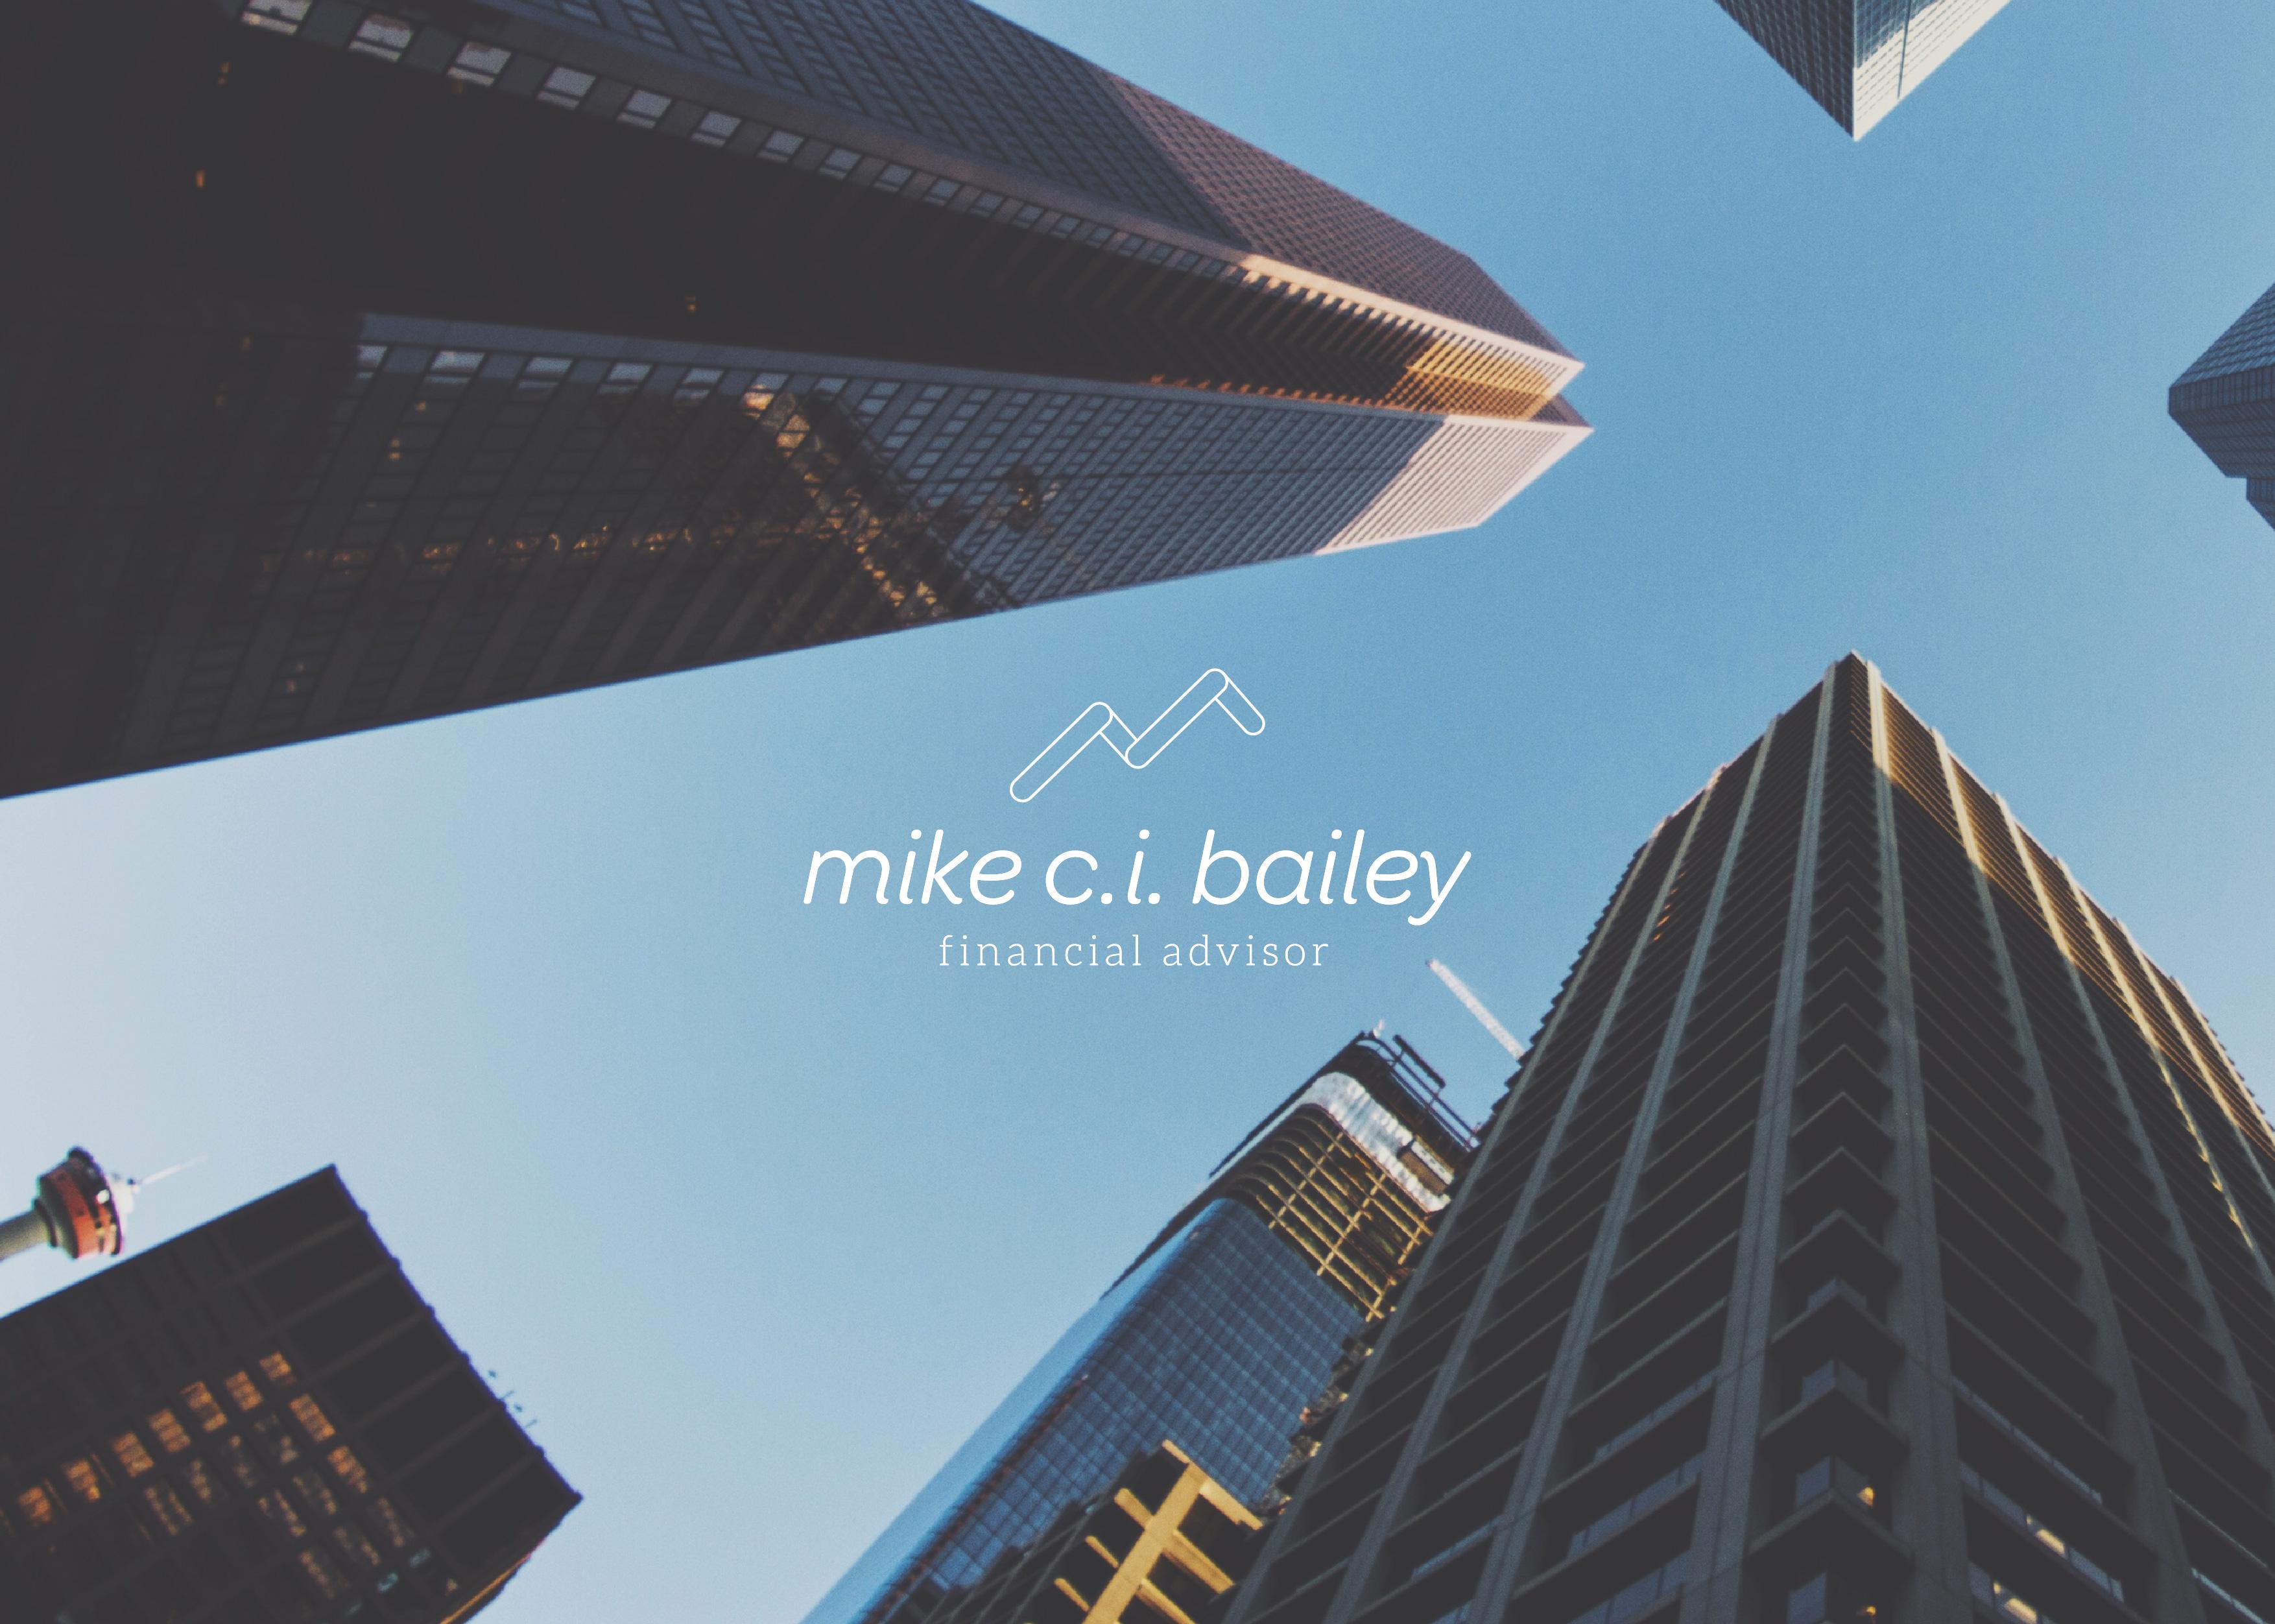 michealbailey_finaldraft_promo_skyscraper-04